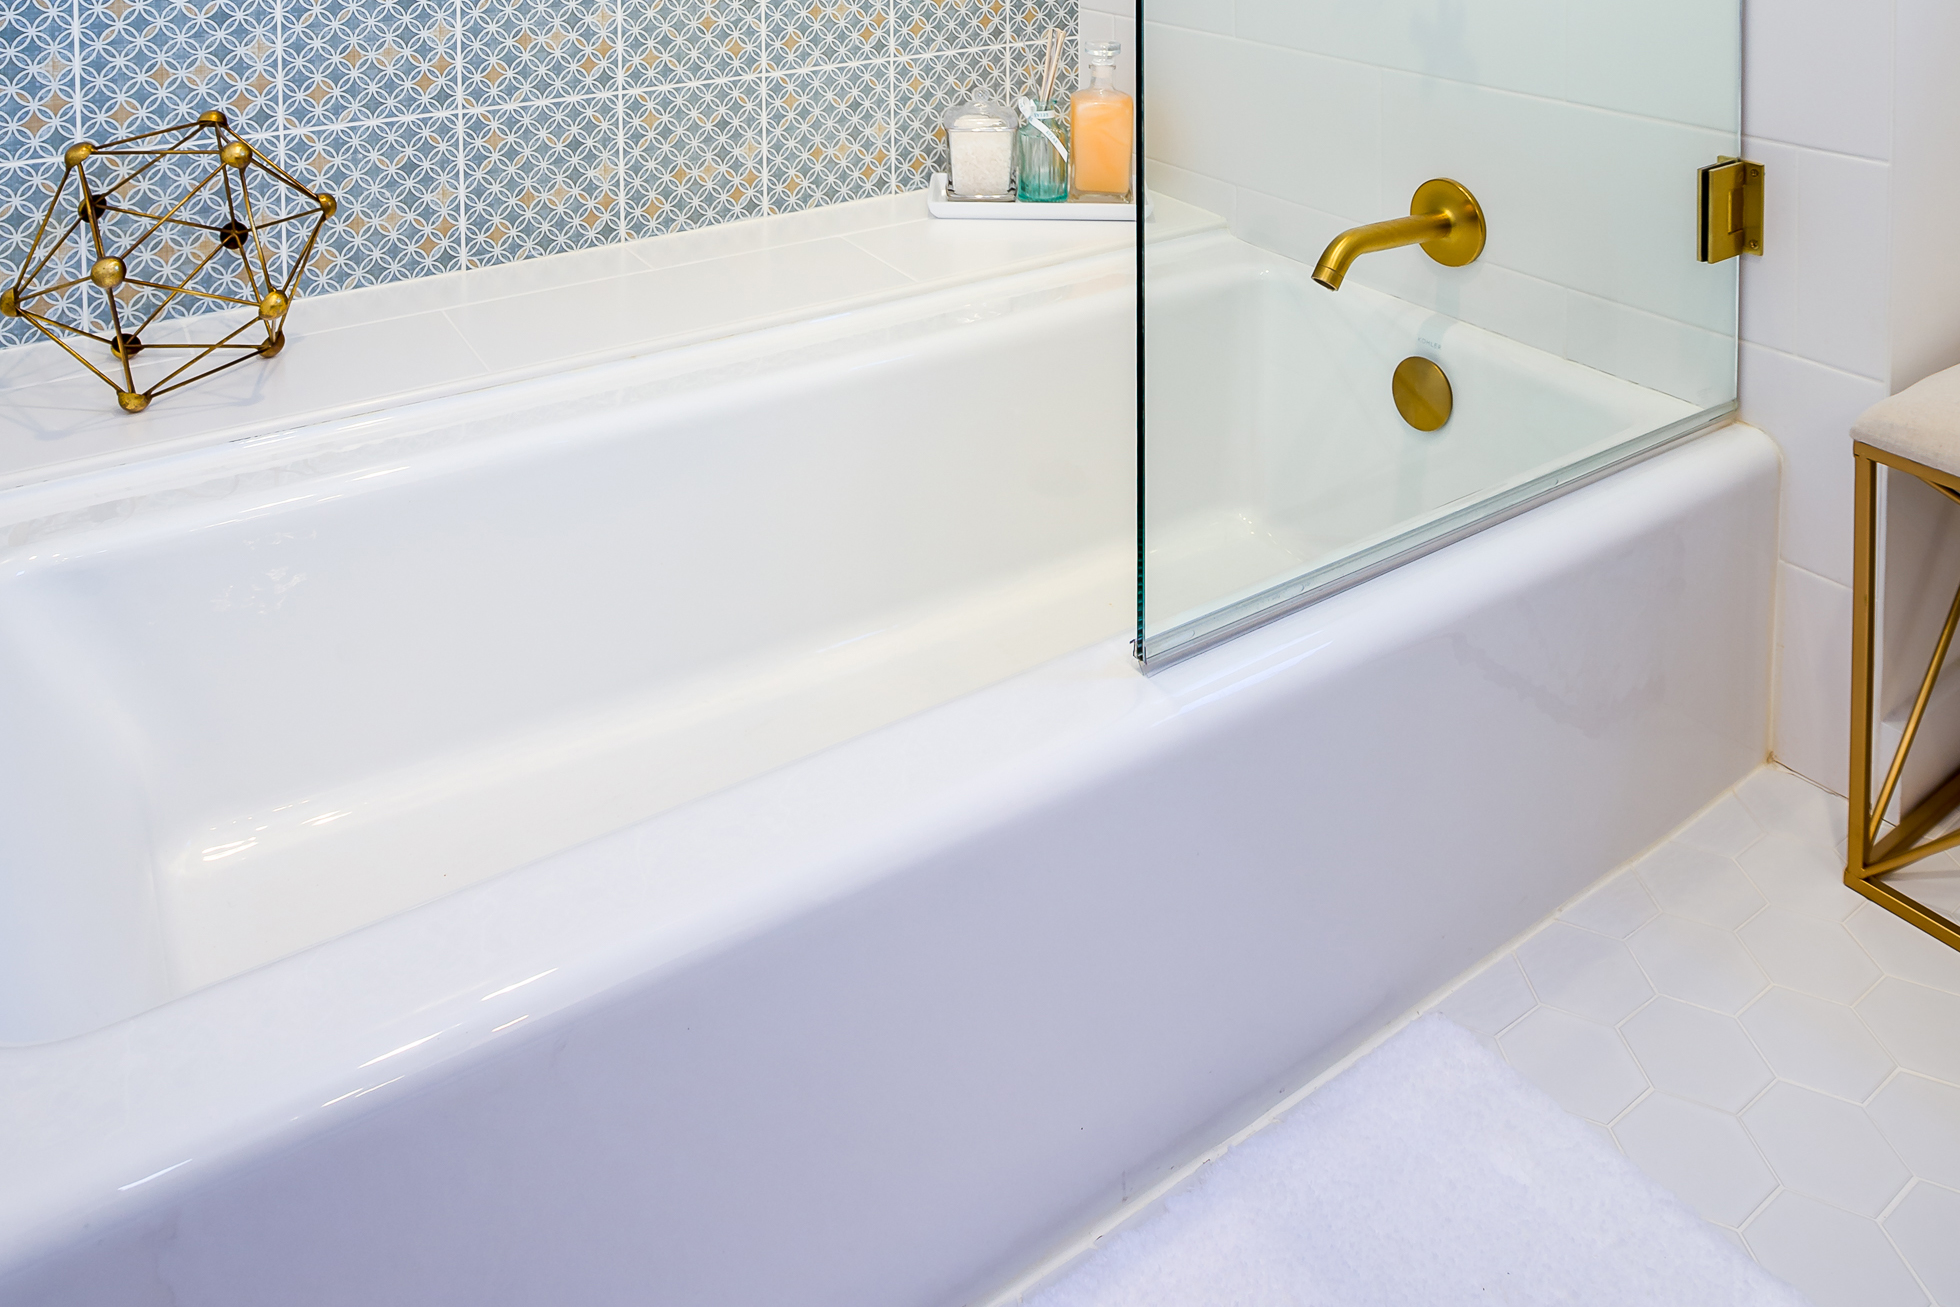 A white porcelain tub in a bathroom